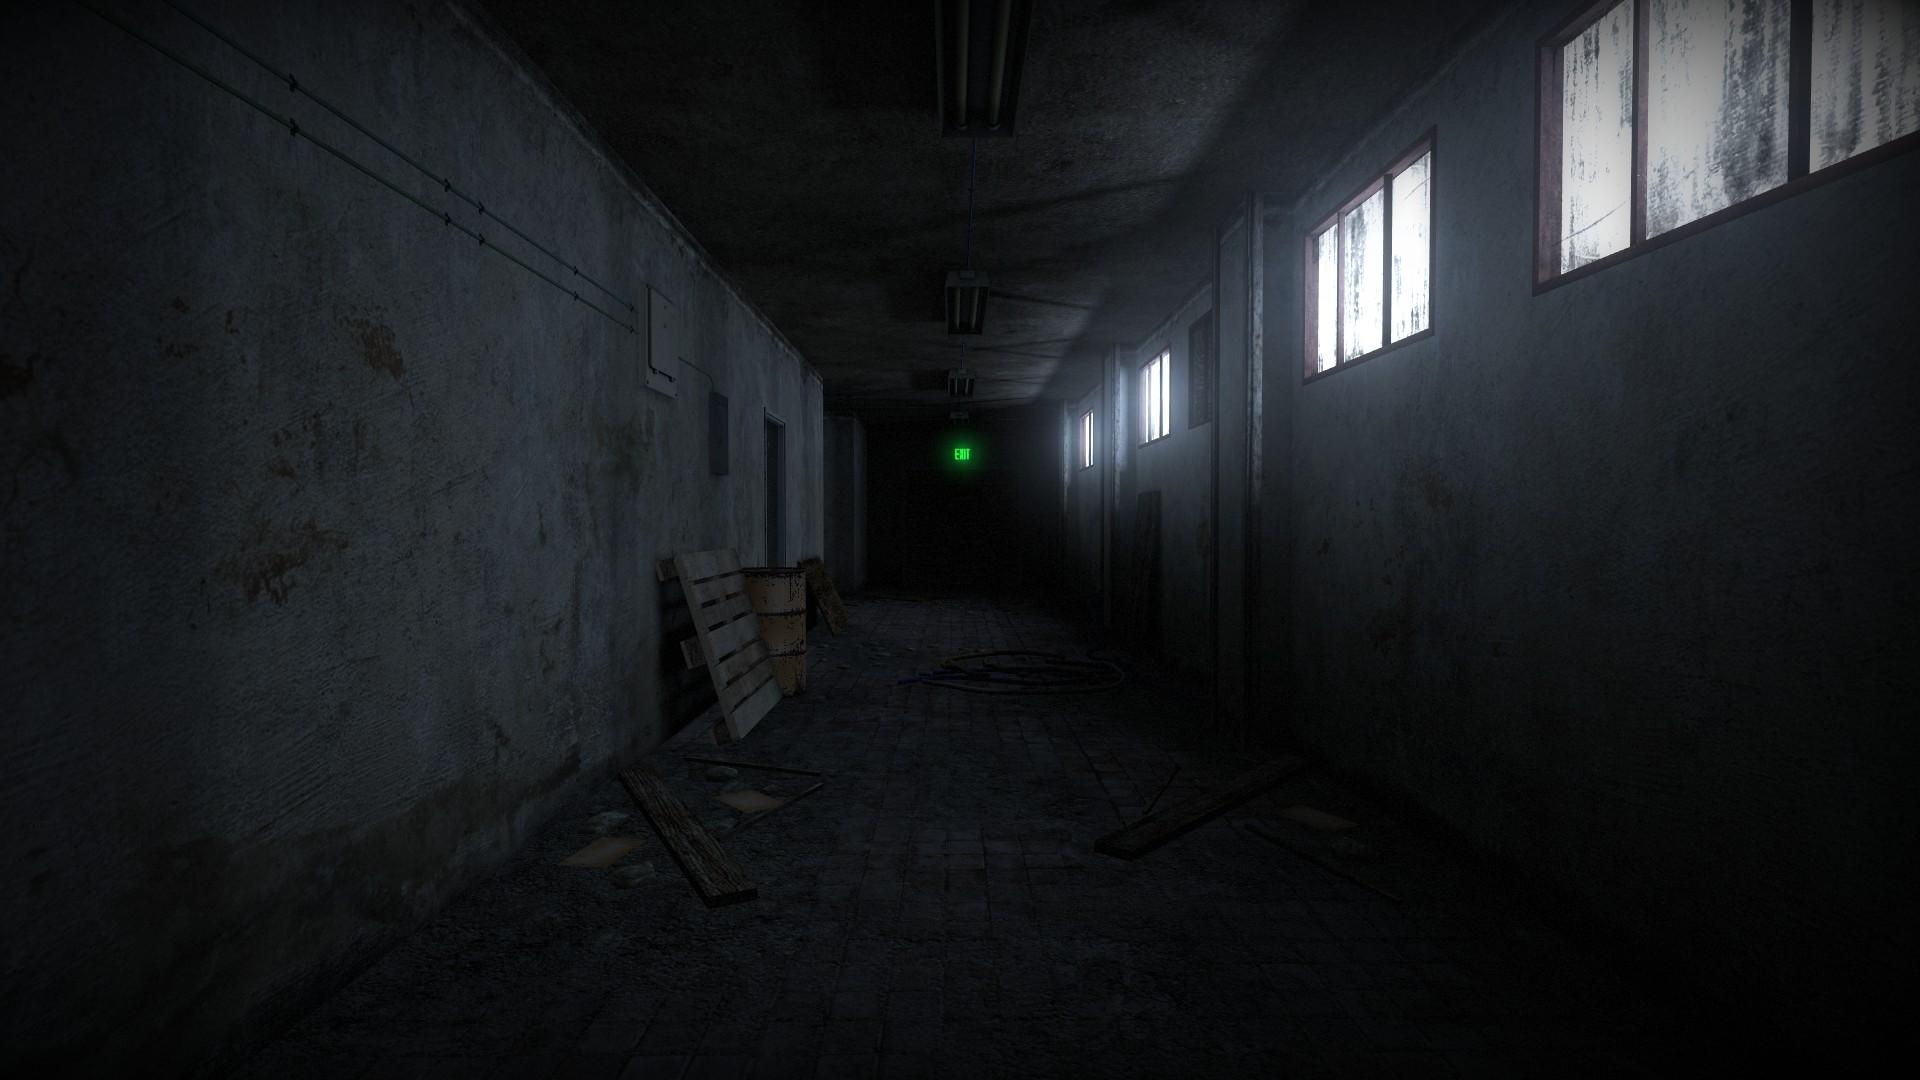 wallpaper scary corridor 1080p - photo #37